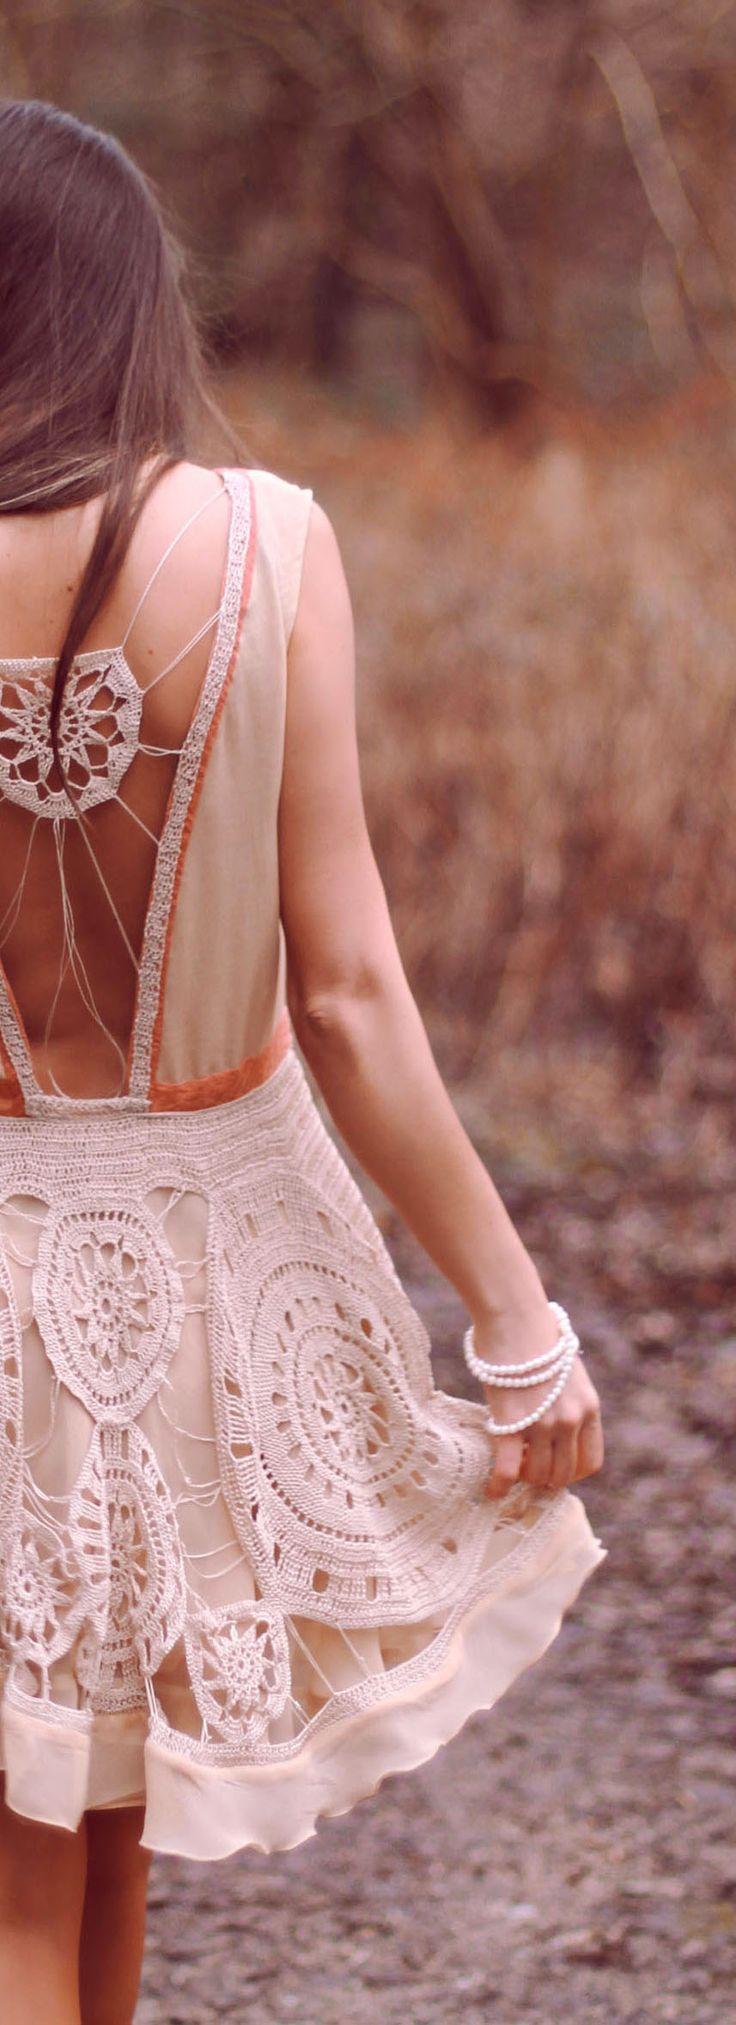 ╰☆╮Boho chic bohemian boho style hippy hippie chic bohème vibe gypsy fashion indie folk the 70s . ╰☆╮ Dandelion Crochet Dress www.nb-couture.de